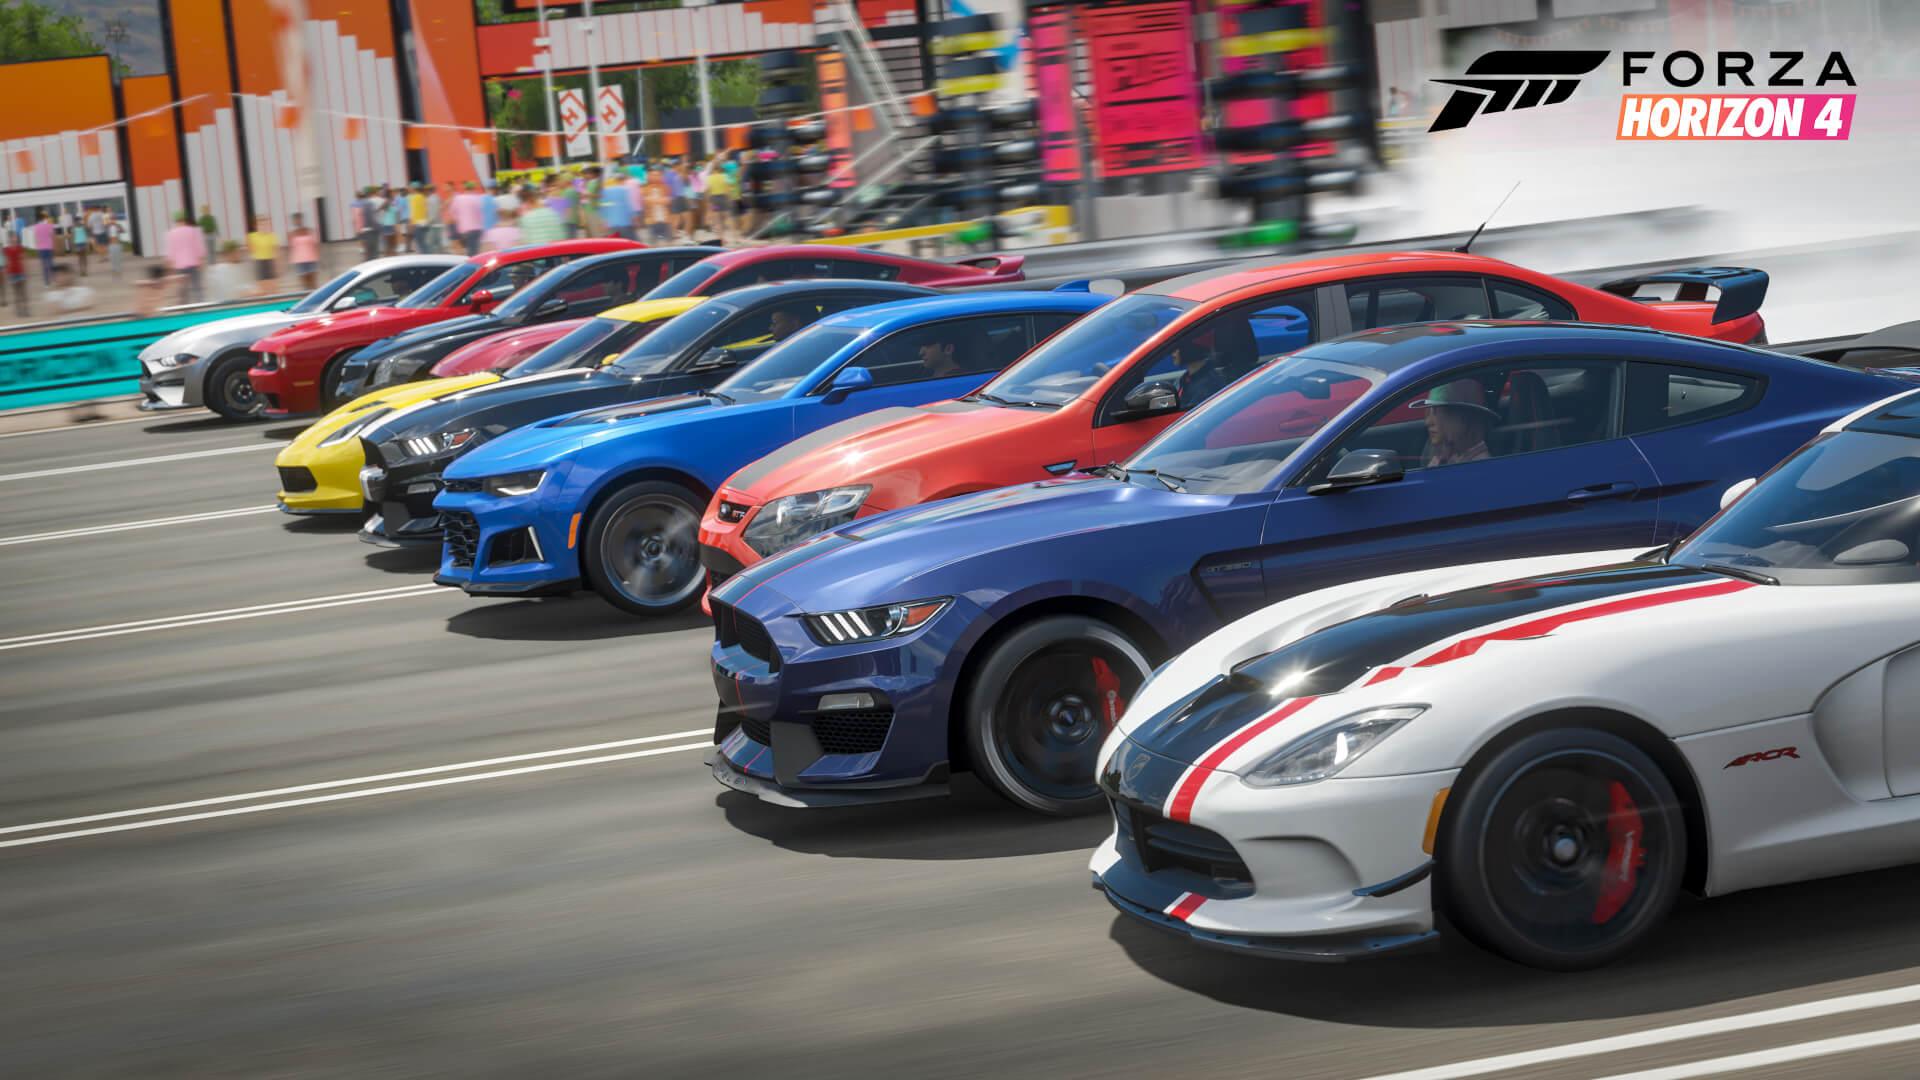 forza edition cars horizon 4